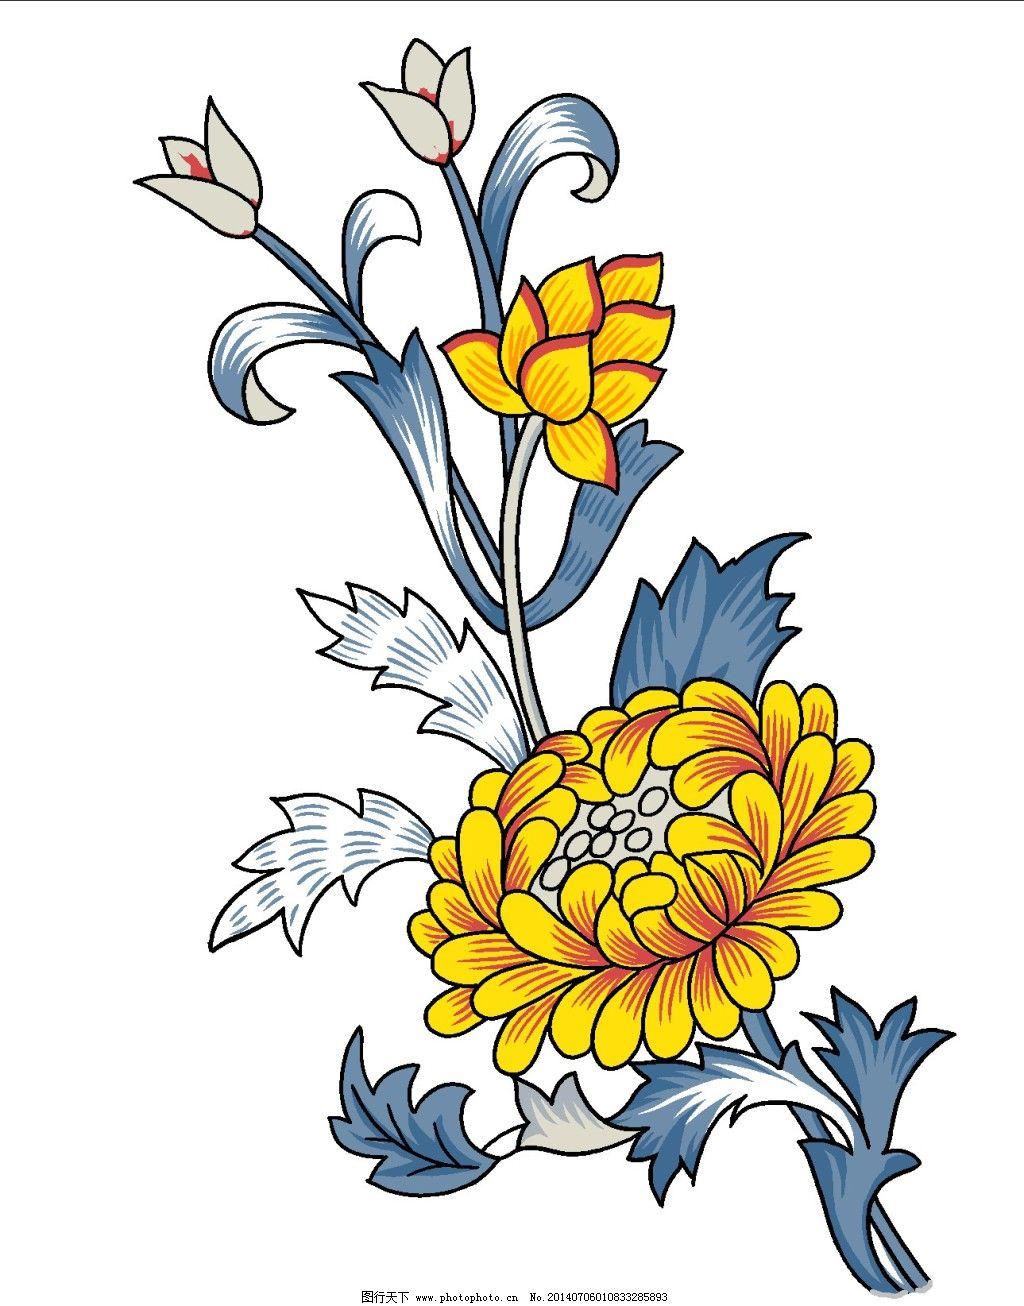 手绘图 菊花 手绘图 手绘素材